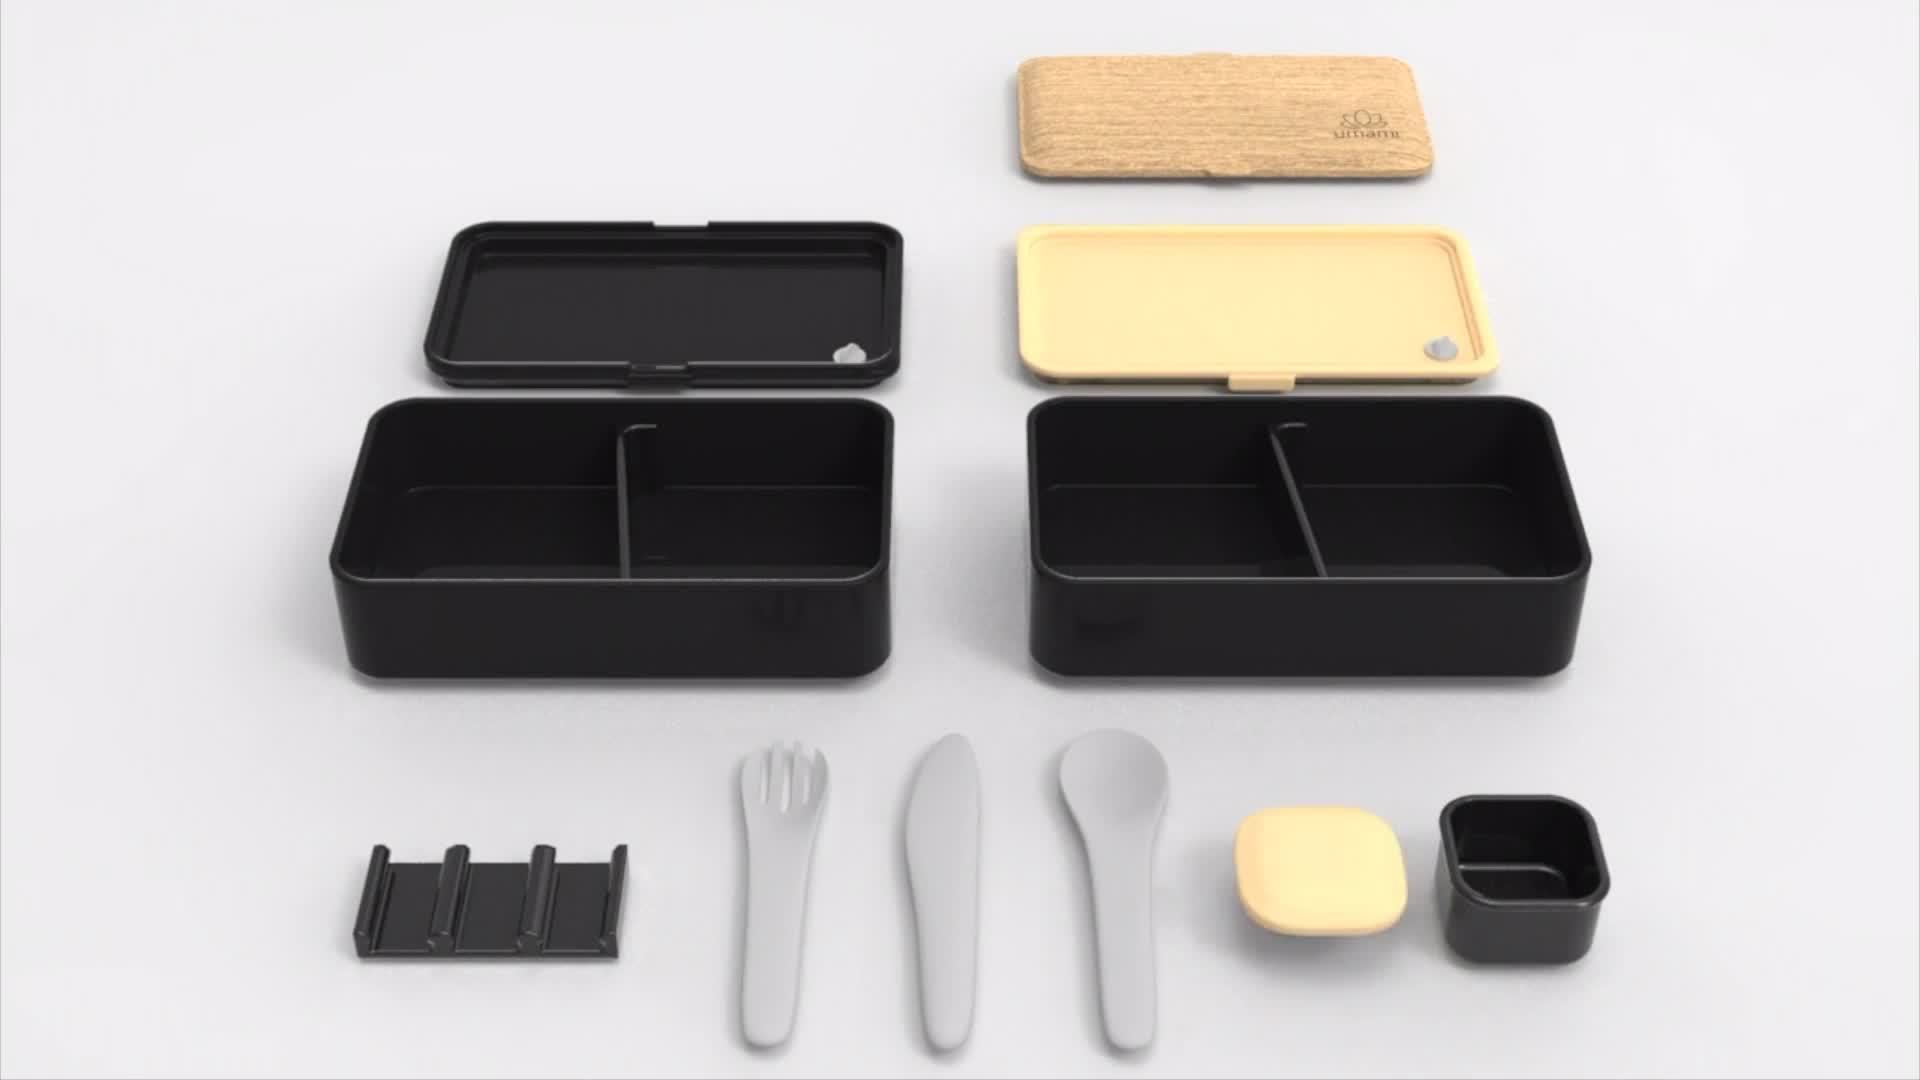 Beige//Rosa//Verde INSANY Fiambrera con 3 Compartimentos,Bento Lunch Box Contiene Cuchara y Tenedor Apto para Microondas//Lavavajillas//Refrigerador